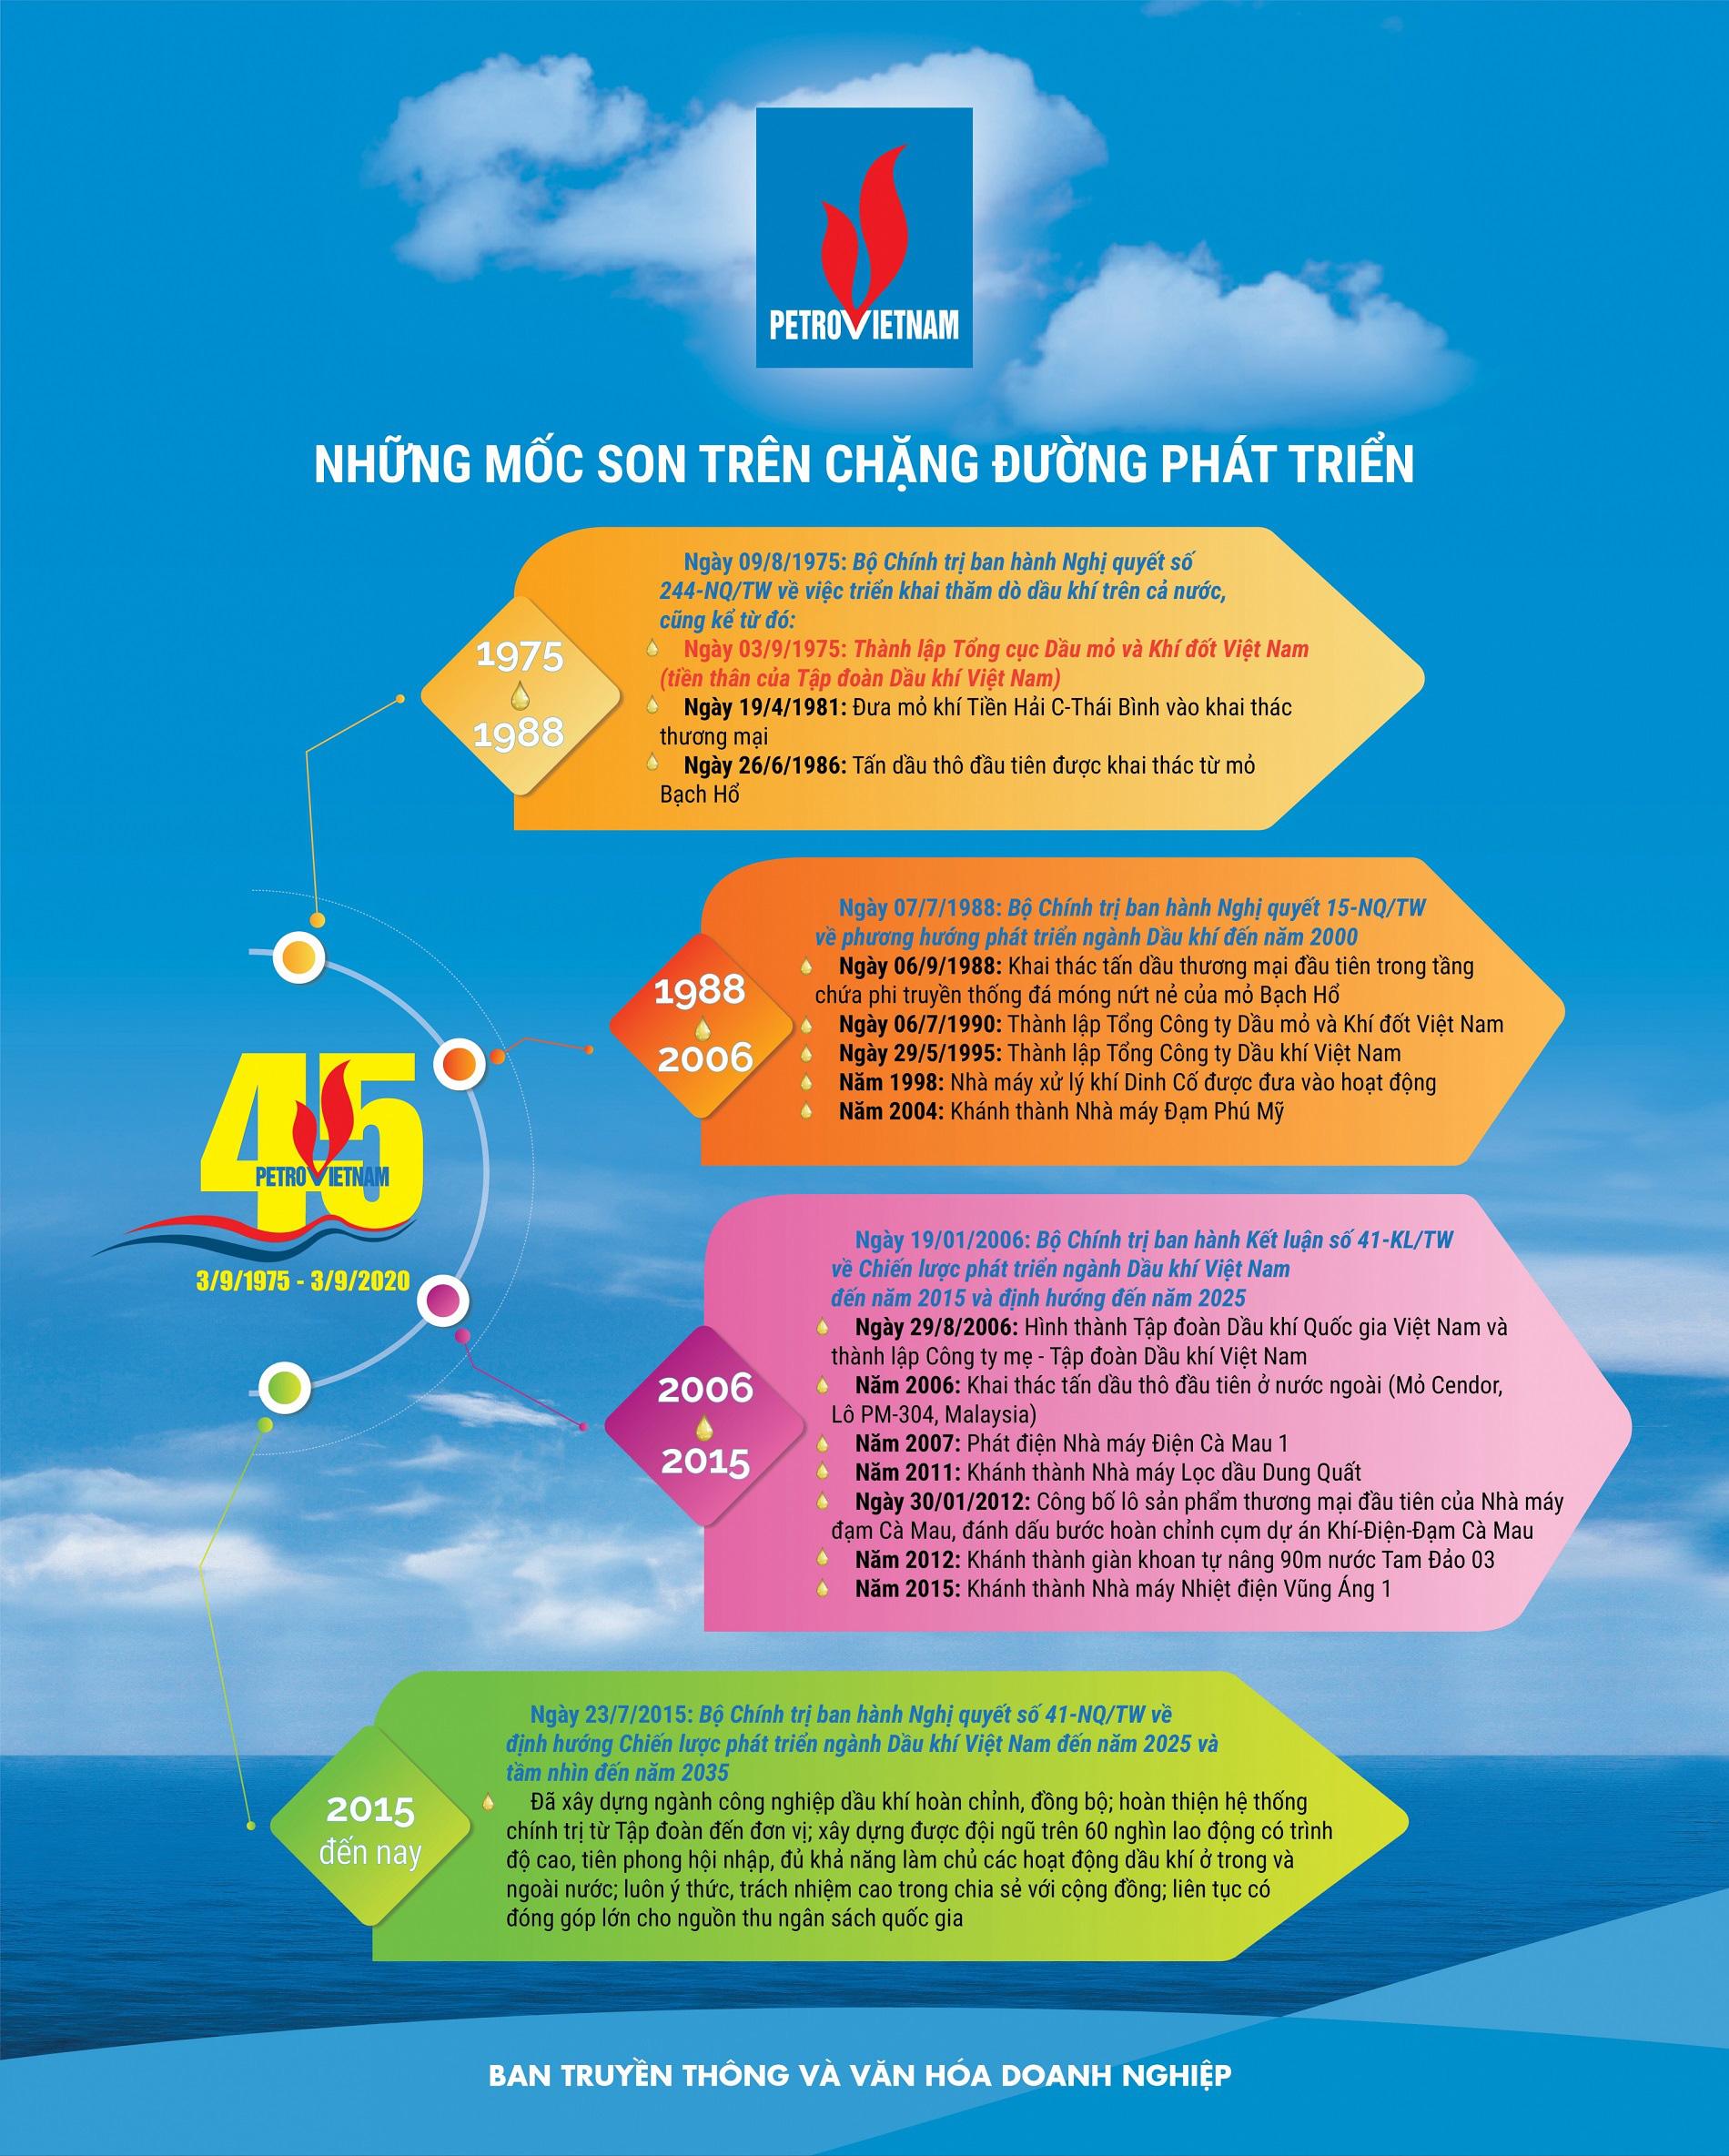 Kỷ niệm 45 năm Ngày thành lập Tập đoàn Dầu khí Quốc gia Việt Nam: Những mốc son trên chặng đường phát triển - Ảnh 1.